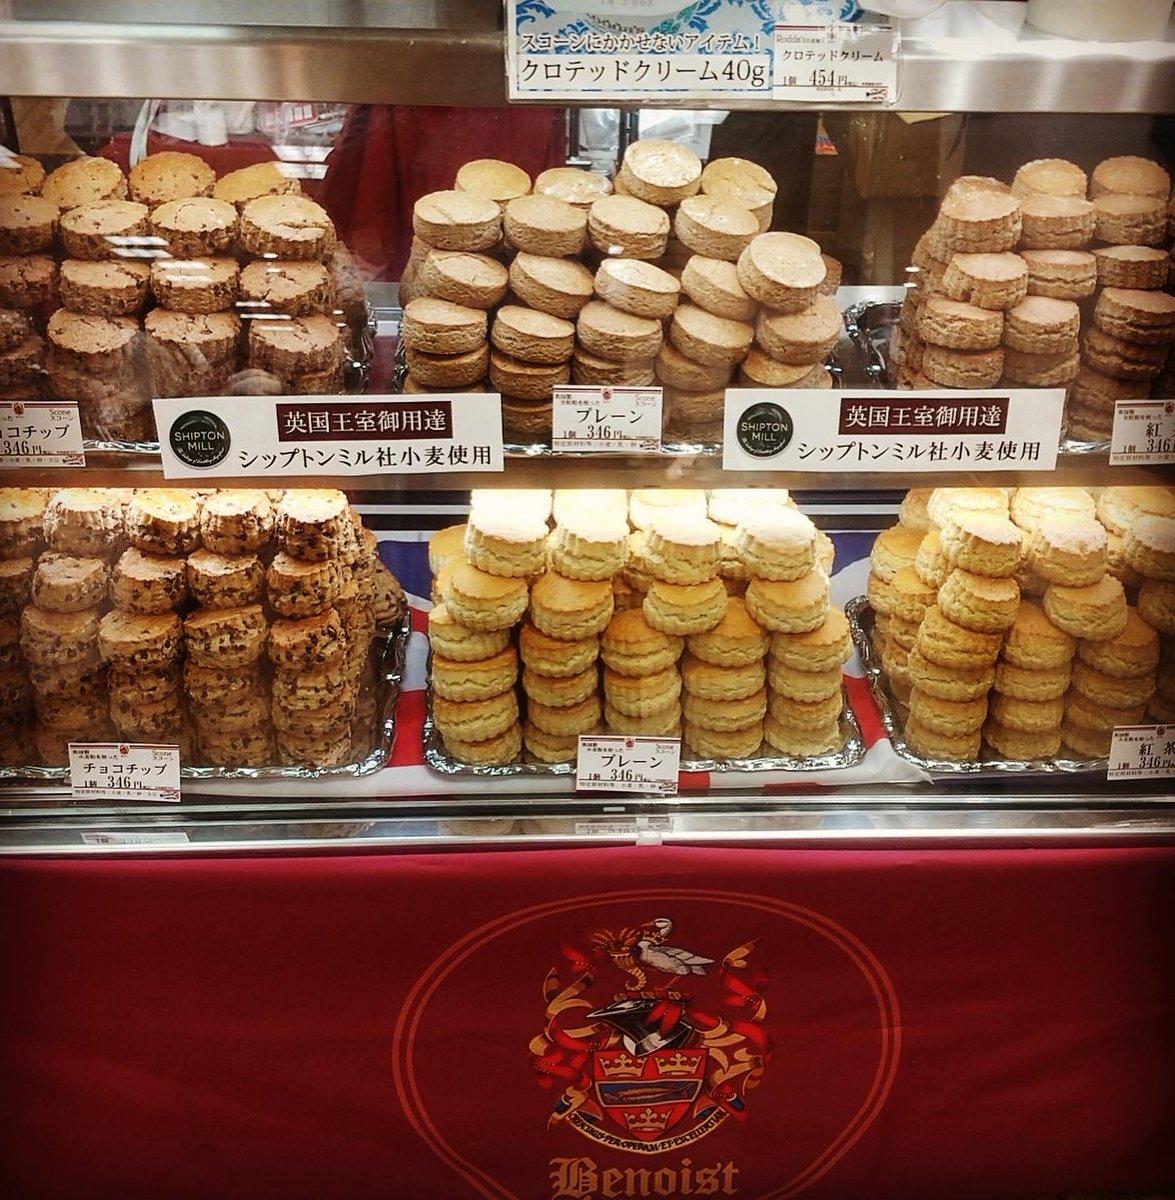 今日から三越日本橋英国展パート2がスタート!! 英国王室御用達【シップトン・ミル】の小麦を使ったスコーンをご用意してお待ちしております。 #ベノア #英国展 #スコーン #クロテッドクリーム #クロッテ #ウェルシュケーキ #ジャム #紅茶 https://t.co/pcj5tS4fyT